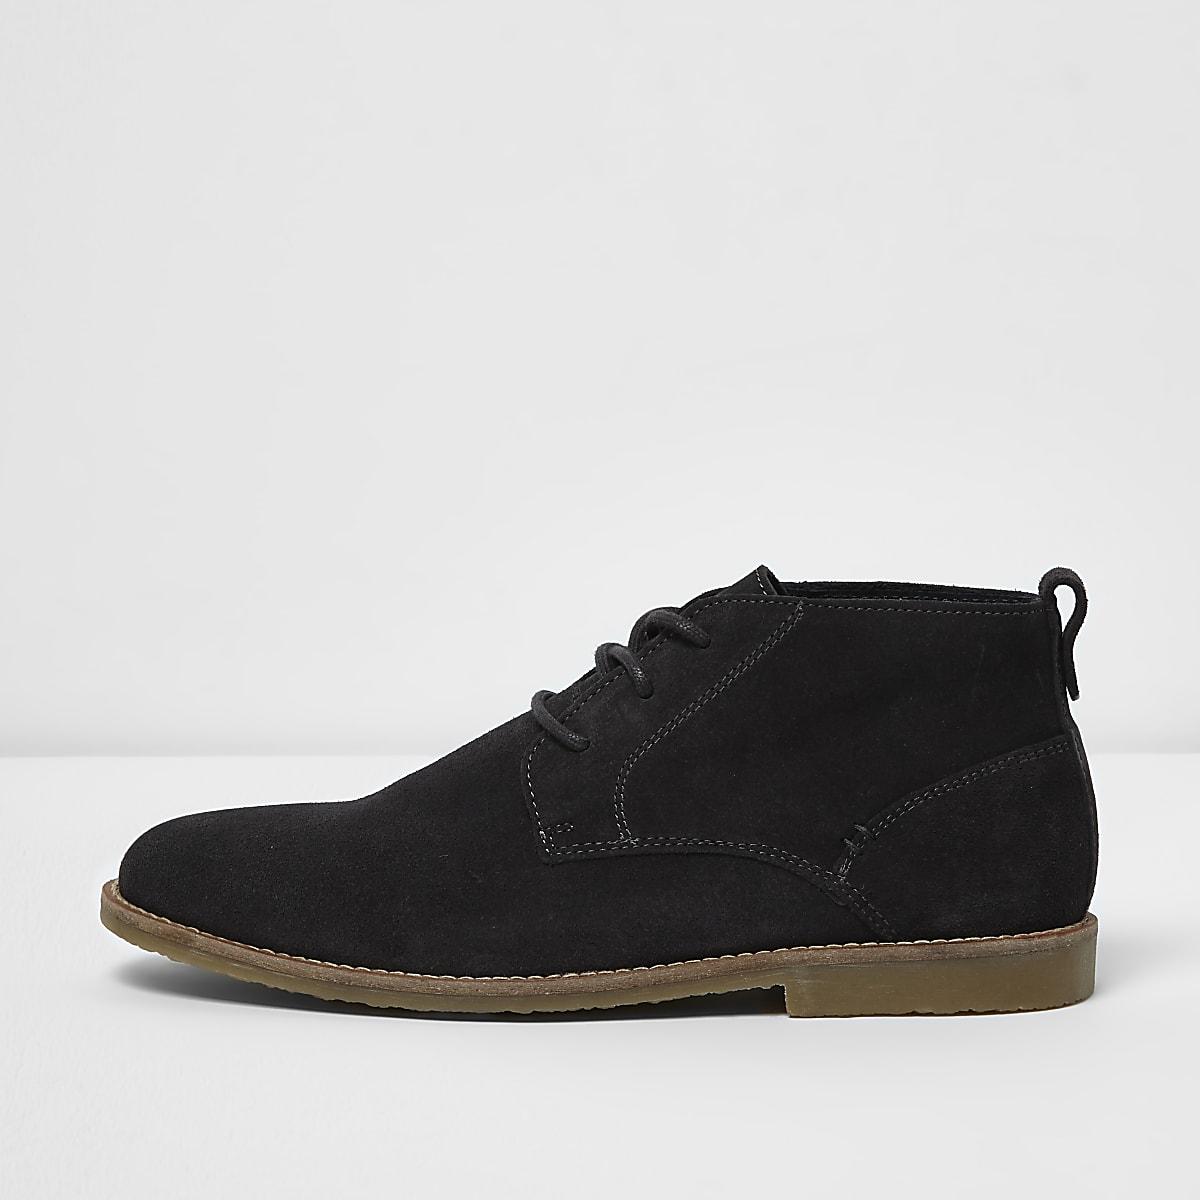 Dark grey wide fit suede desert boots